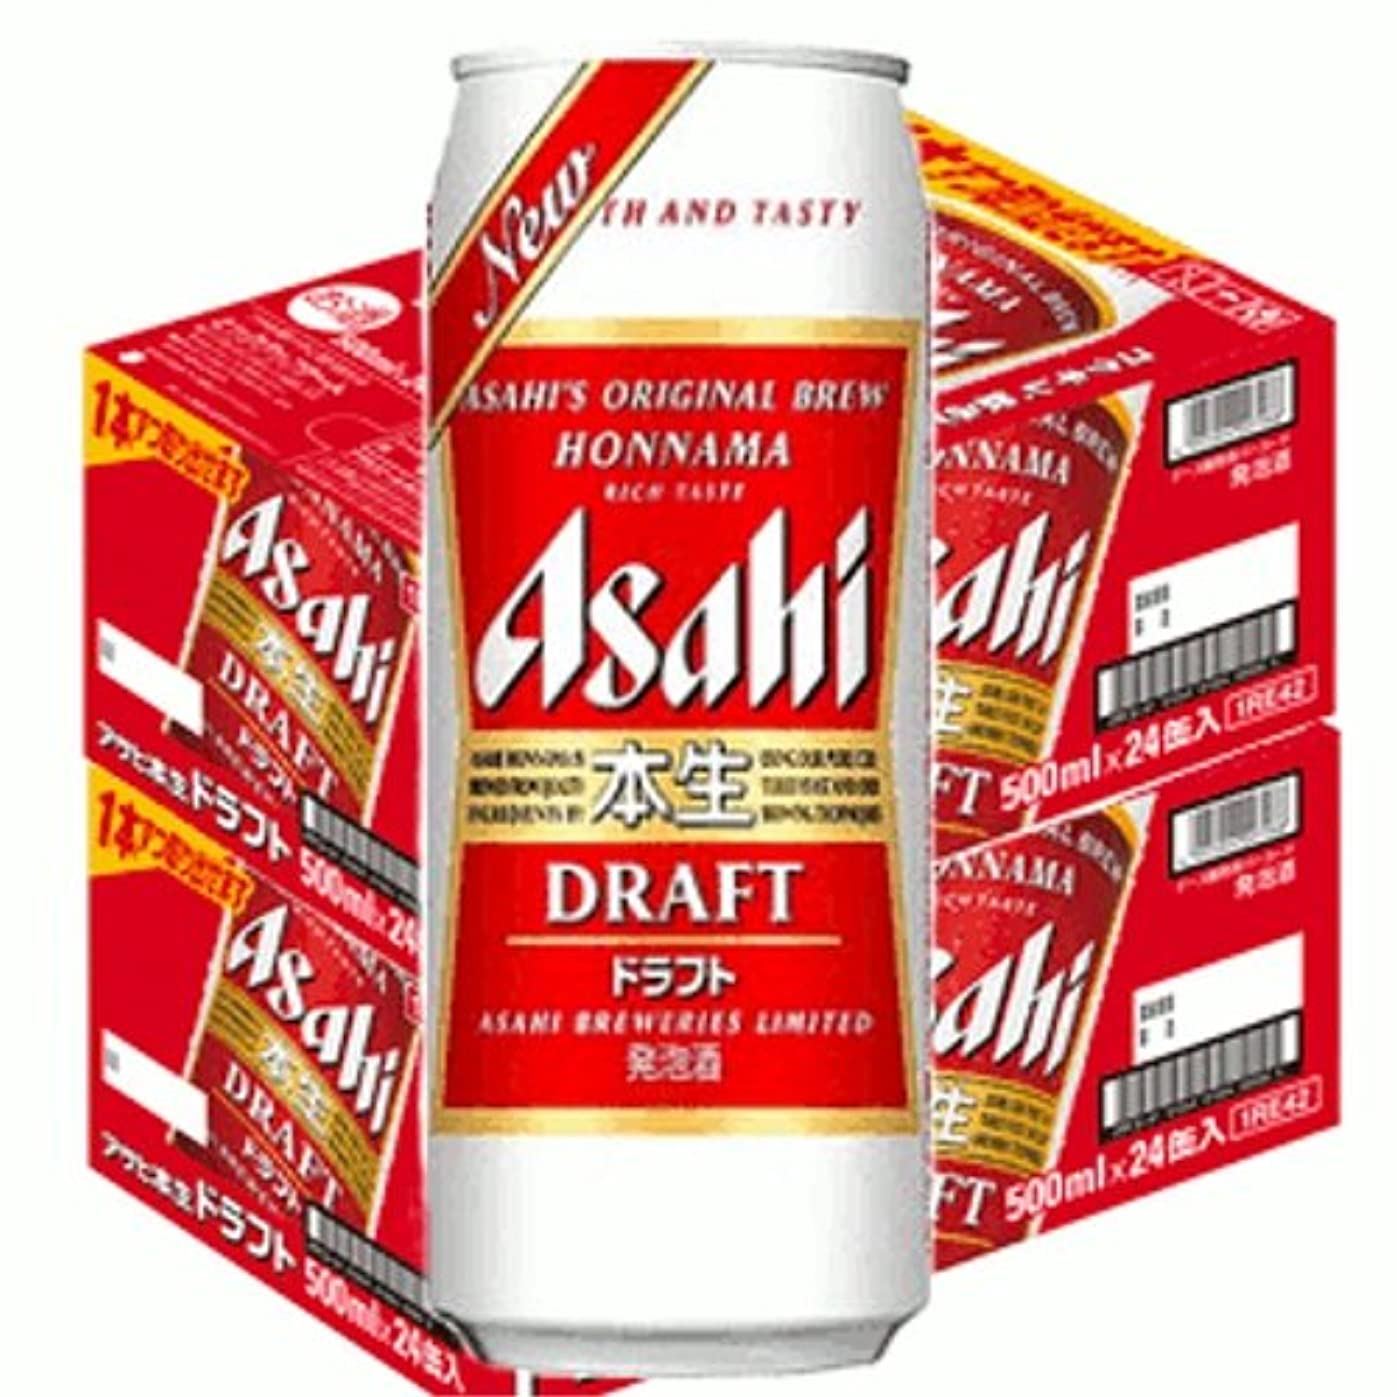 ごめんなさいステーキガチョウアサヒ 本生 ドラフト 500ml缶2ケース (48本入)